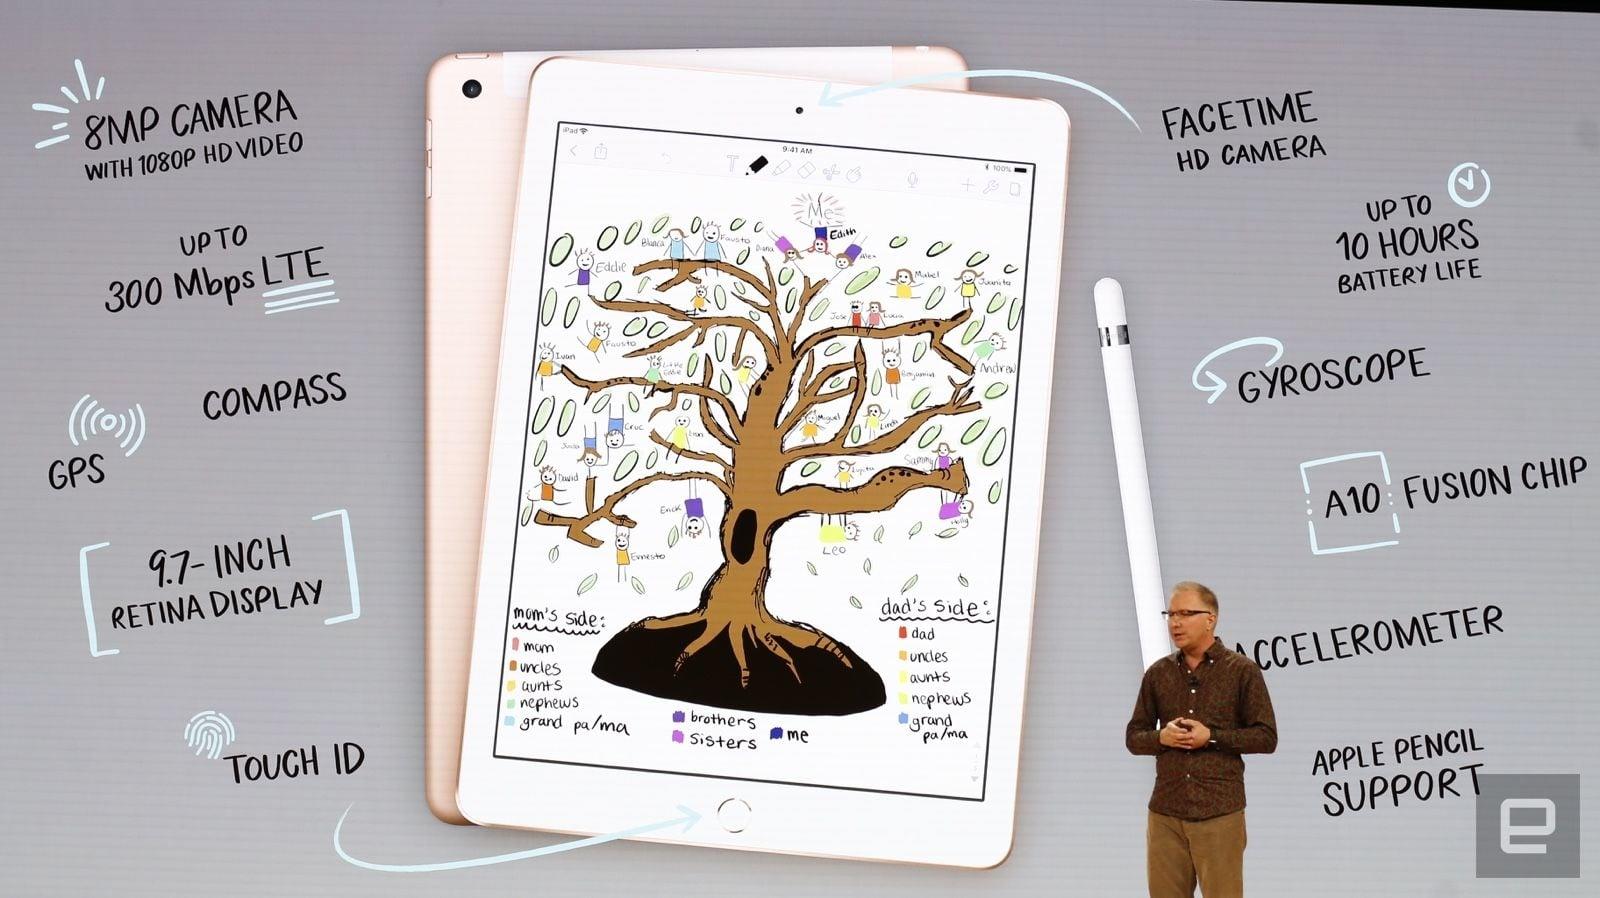 Niespodzianka w imię edukacji - nowy, 9,7-calowy iPad ze wsparciem dla Apple Pencil 20